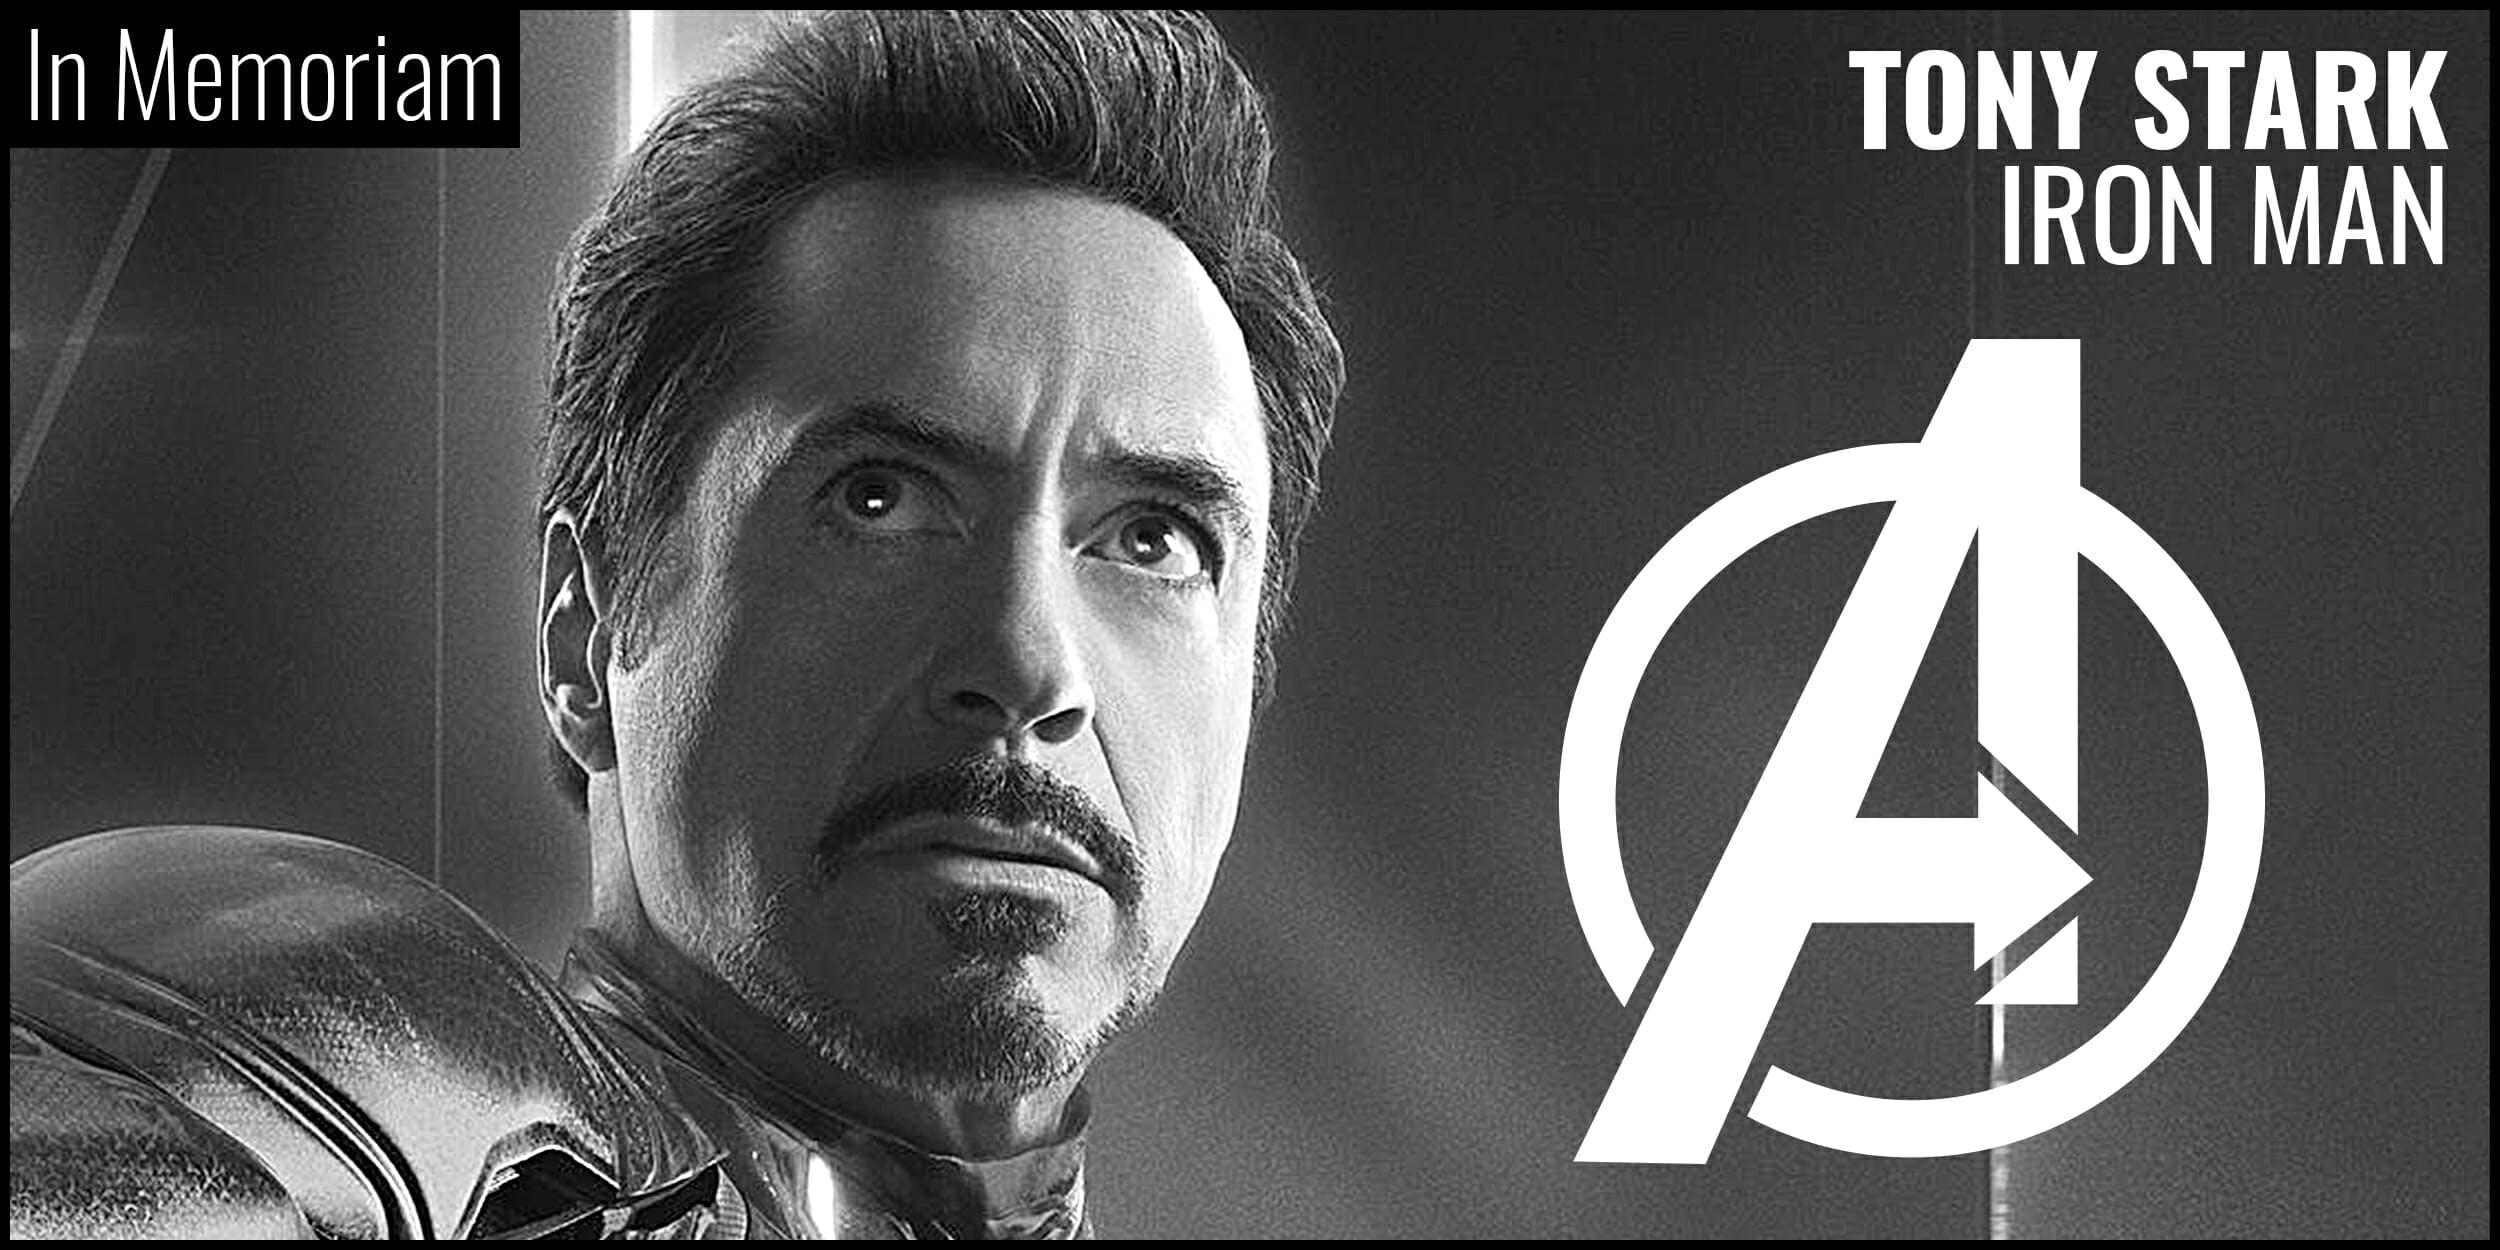 tony stark dies - iron man obituary avengers endgame